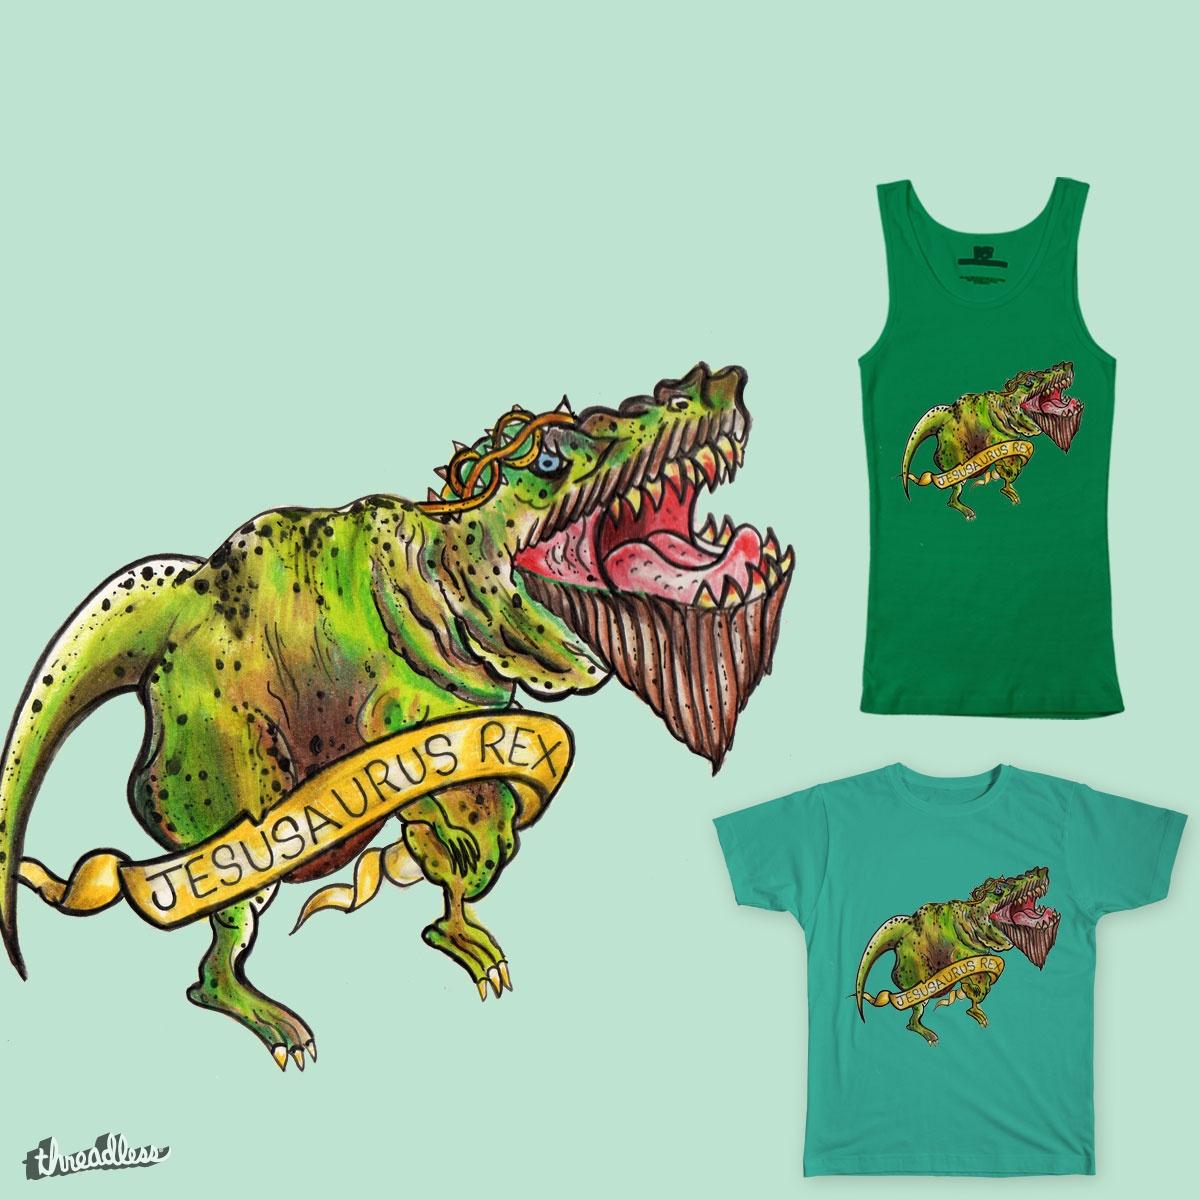 Jesusaurus Rex by Jamietaylor1985 on Threadless